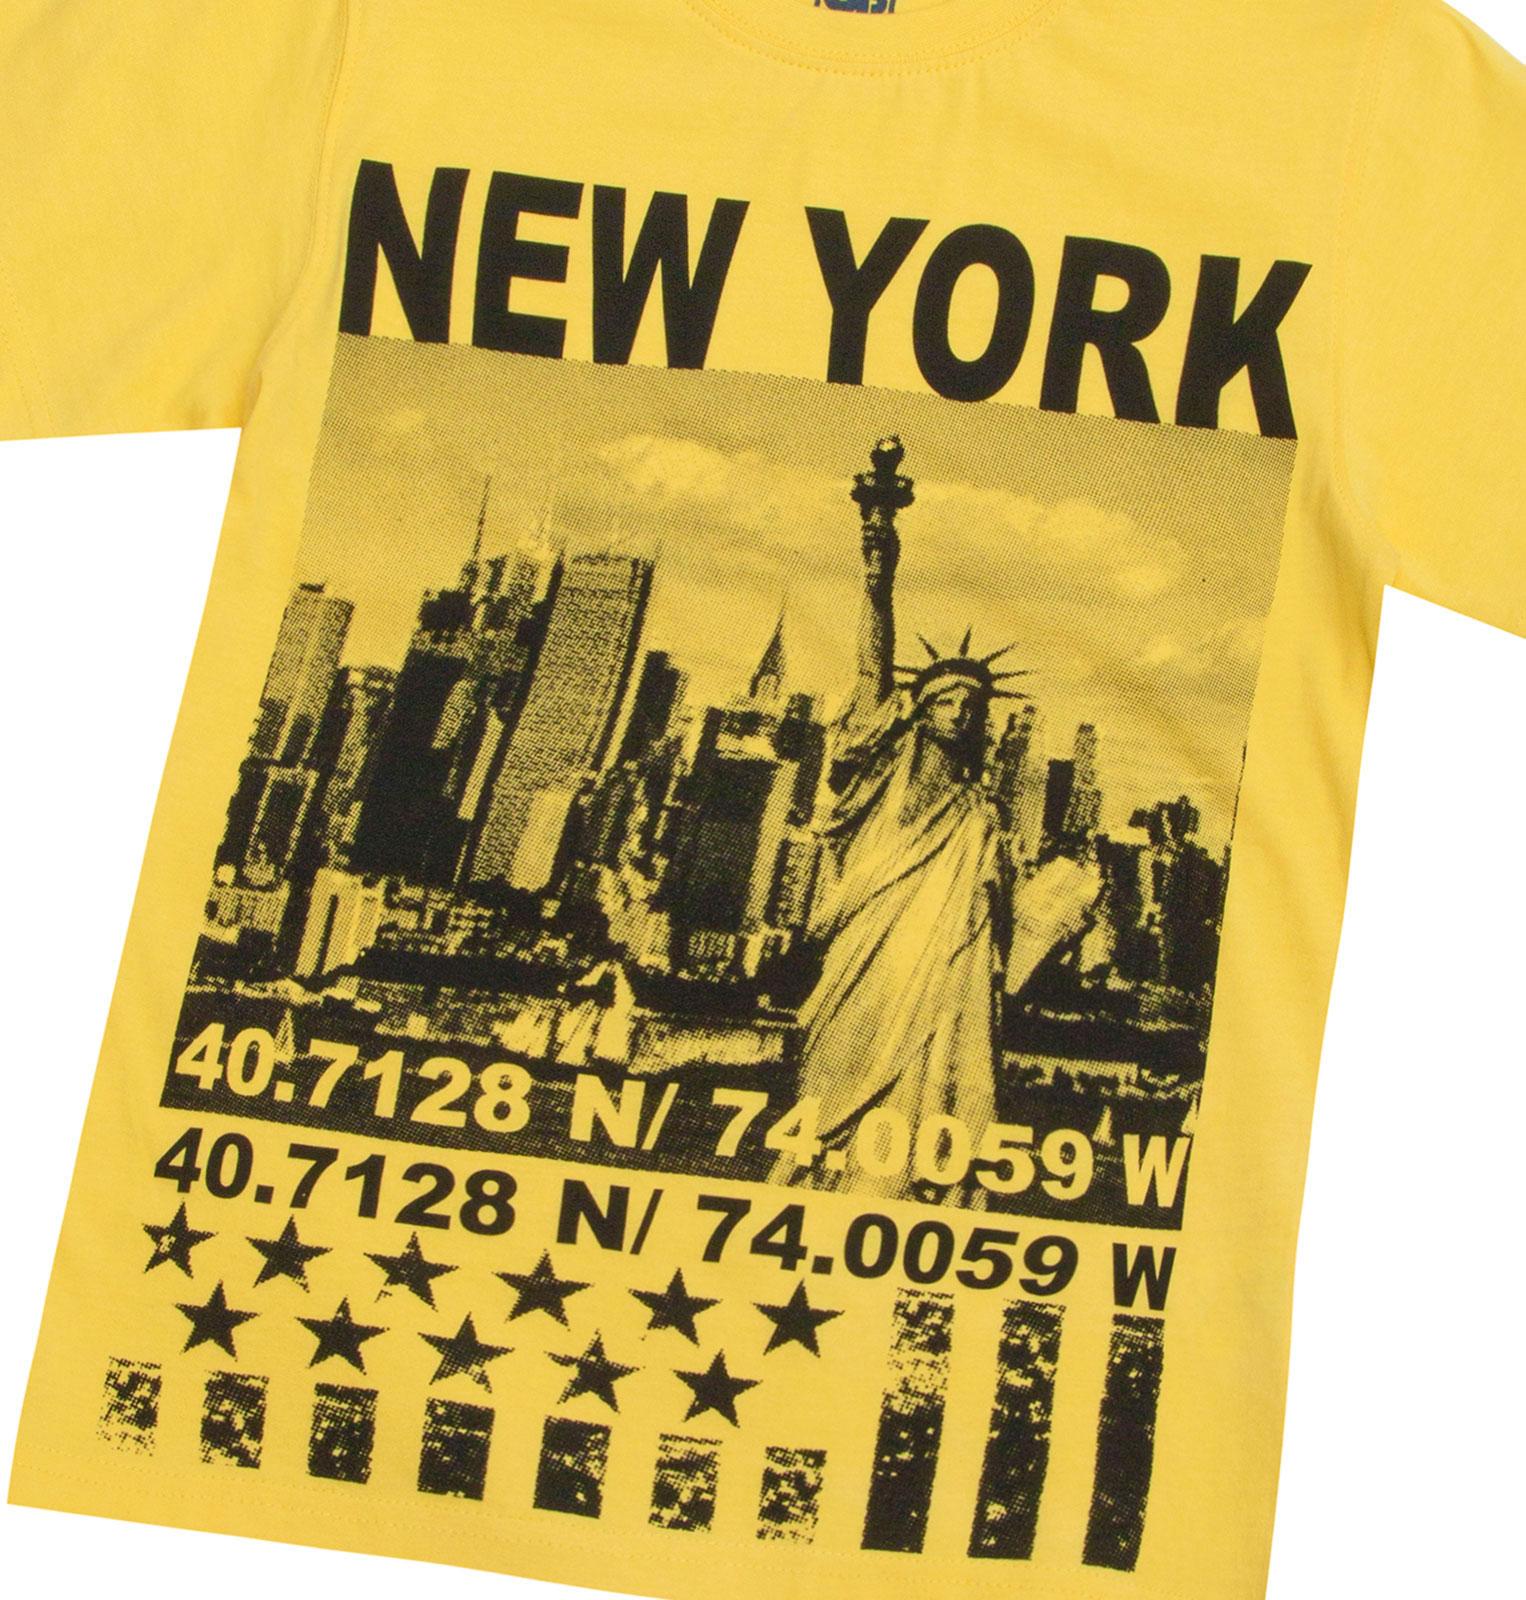 Garcons-Neuf-en-coton-T-shirt-a-encolure-ras-du-cou-d-039-ete-Enfant-Top-2-3-4-5-6-7-8-9-10-11-12-13 miniature 19